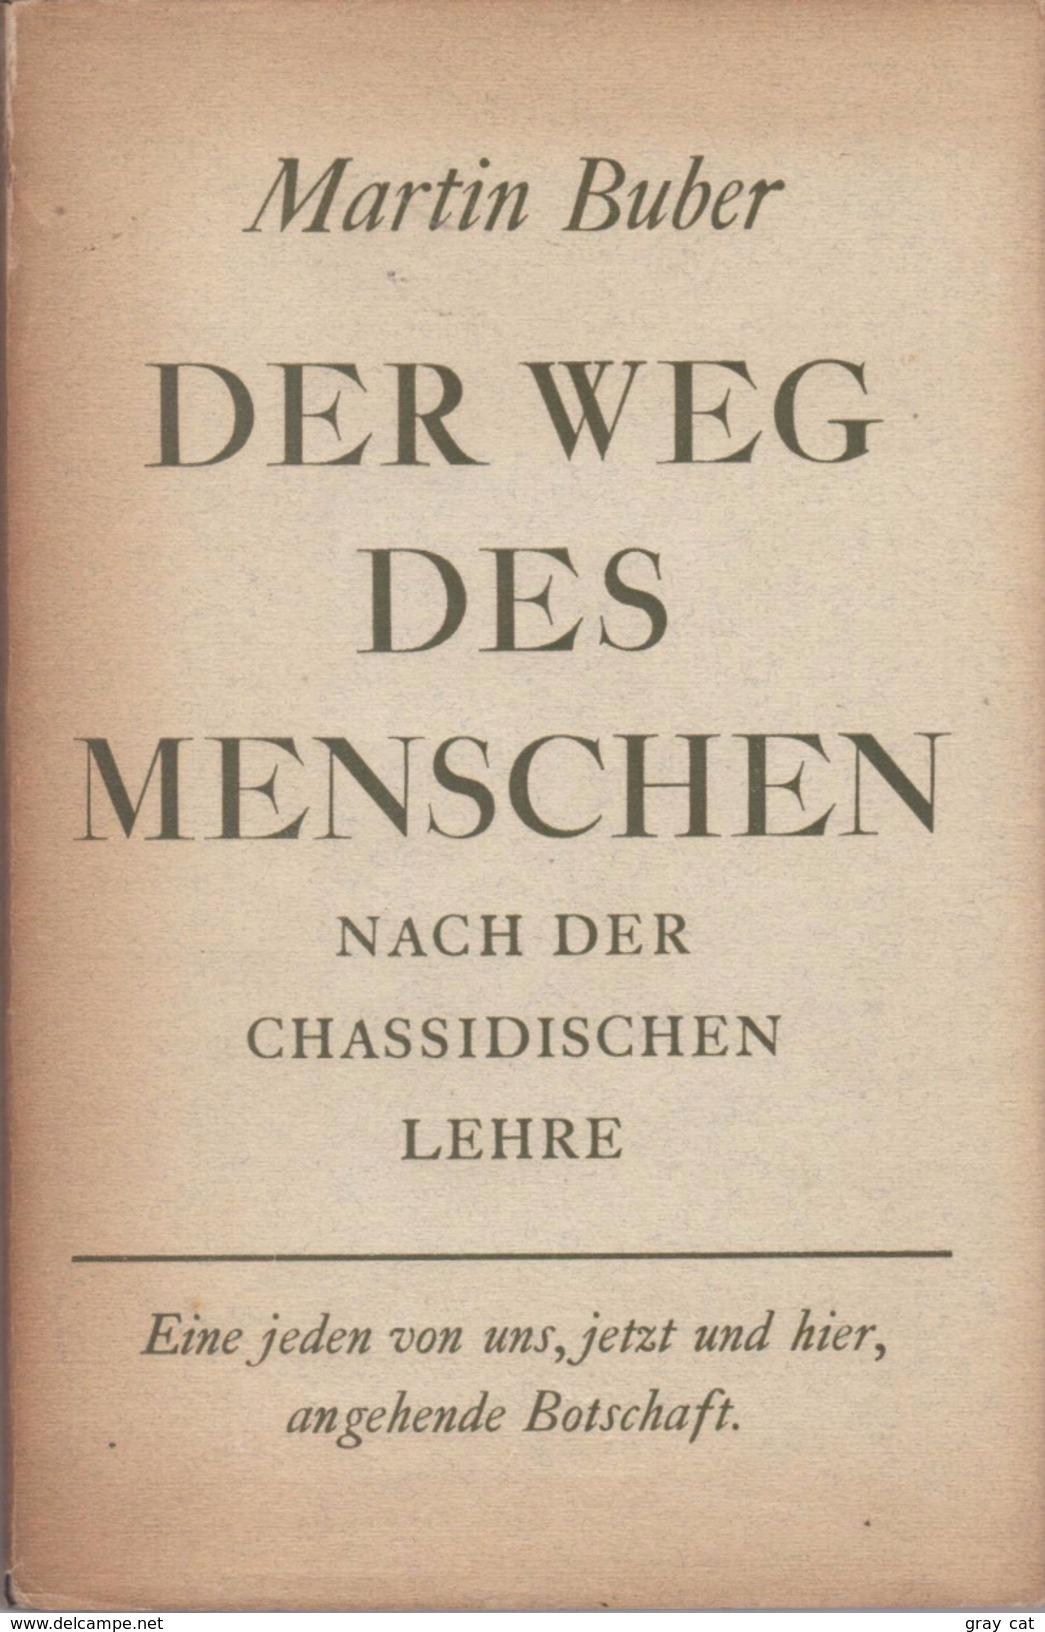 Der Weg Des Menschen Nach Der Chassidischen Lehre By Buber, Martin - Books, Magazines, Comics